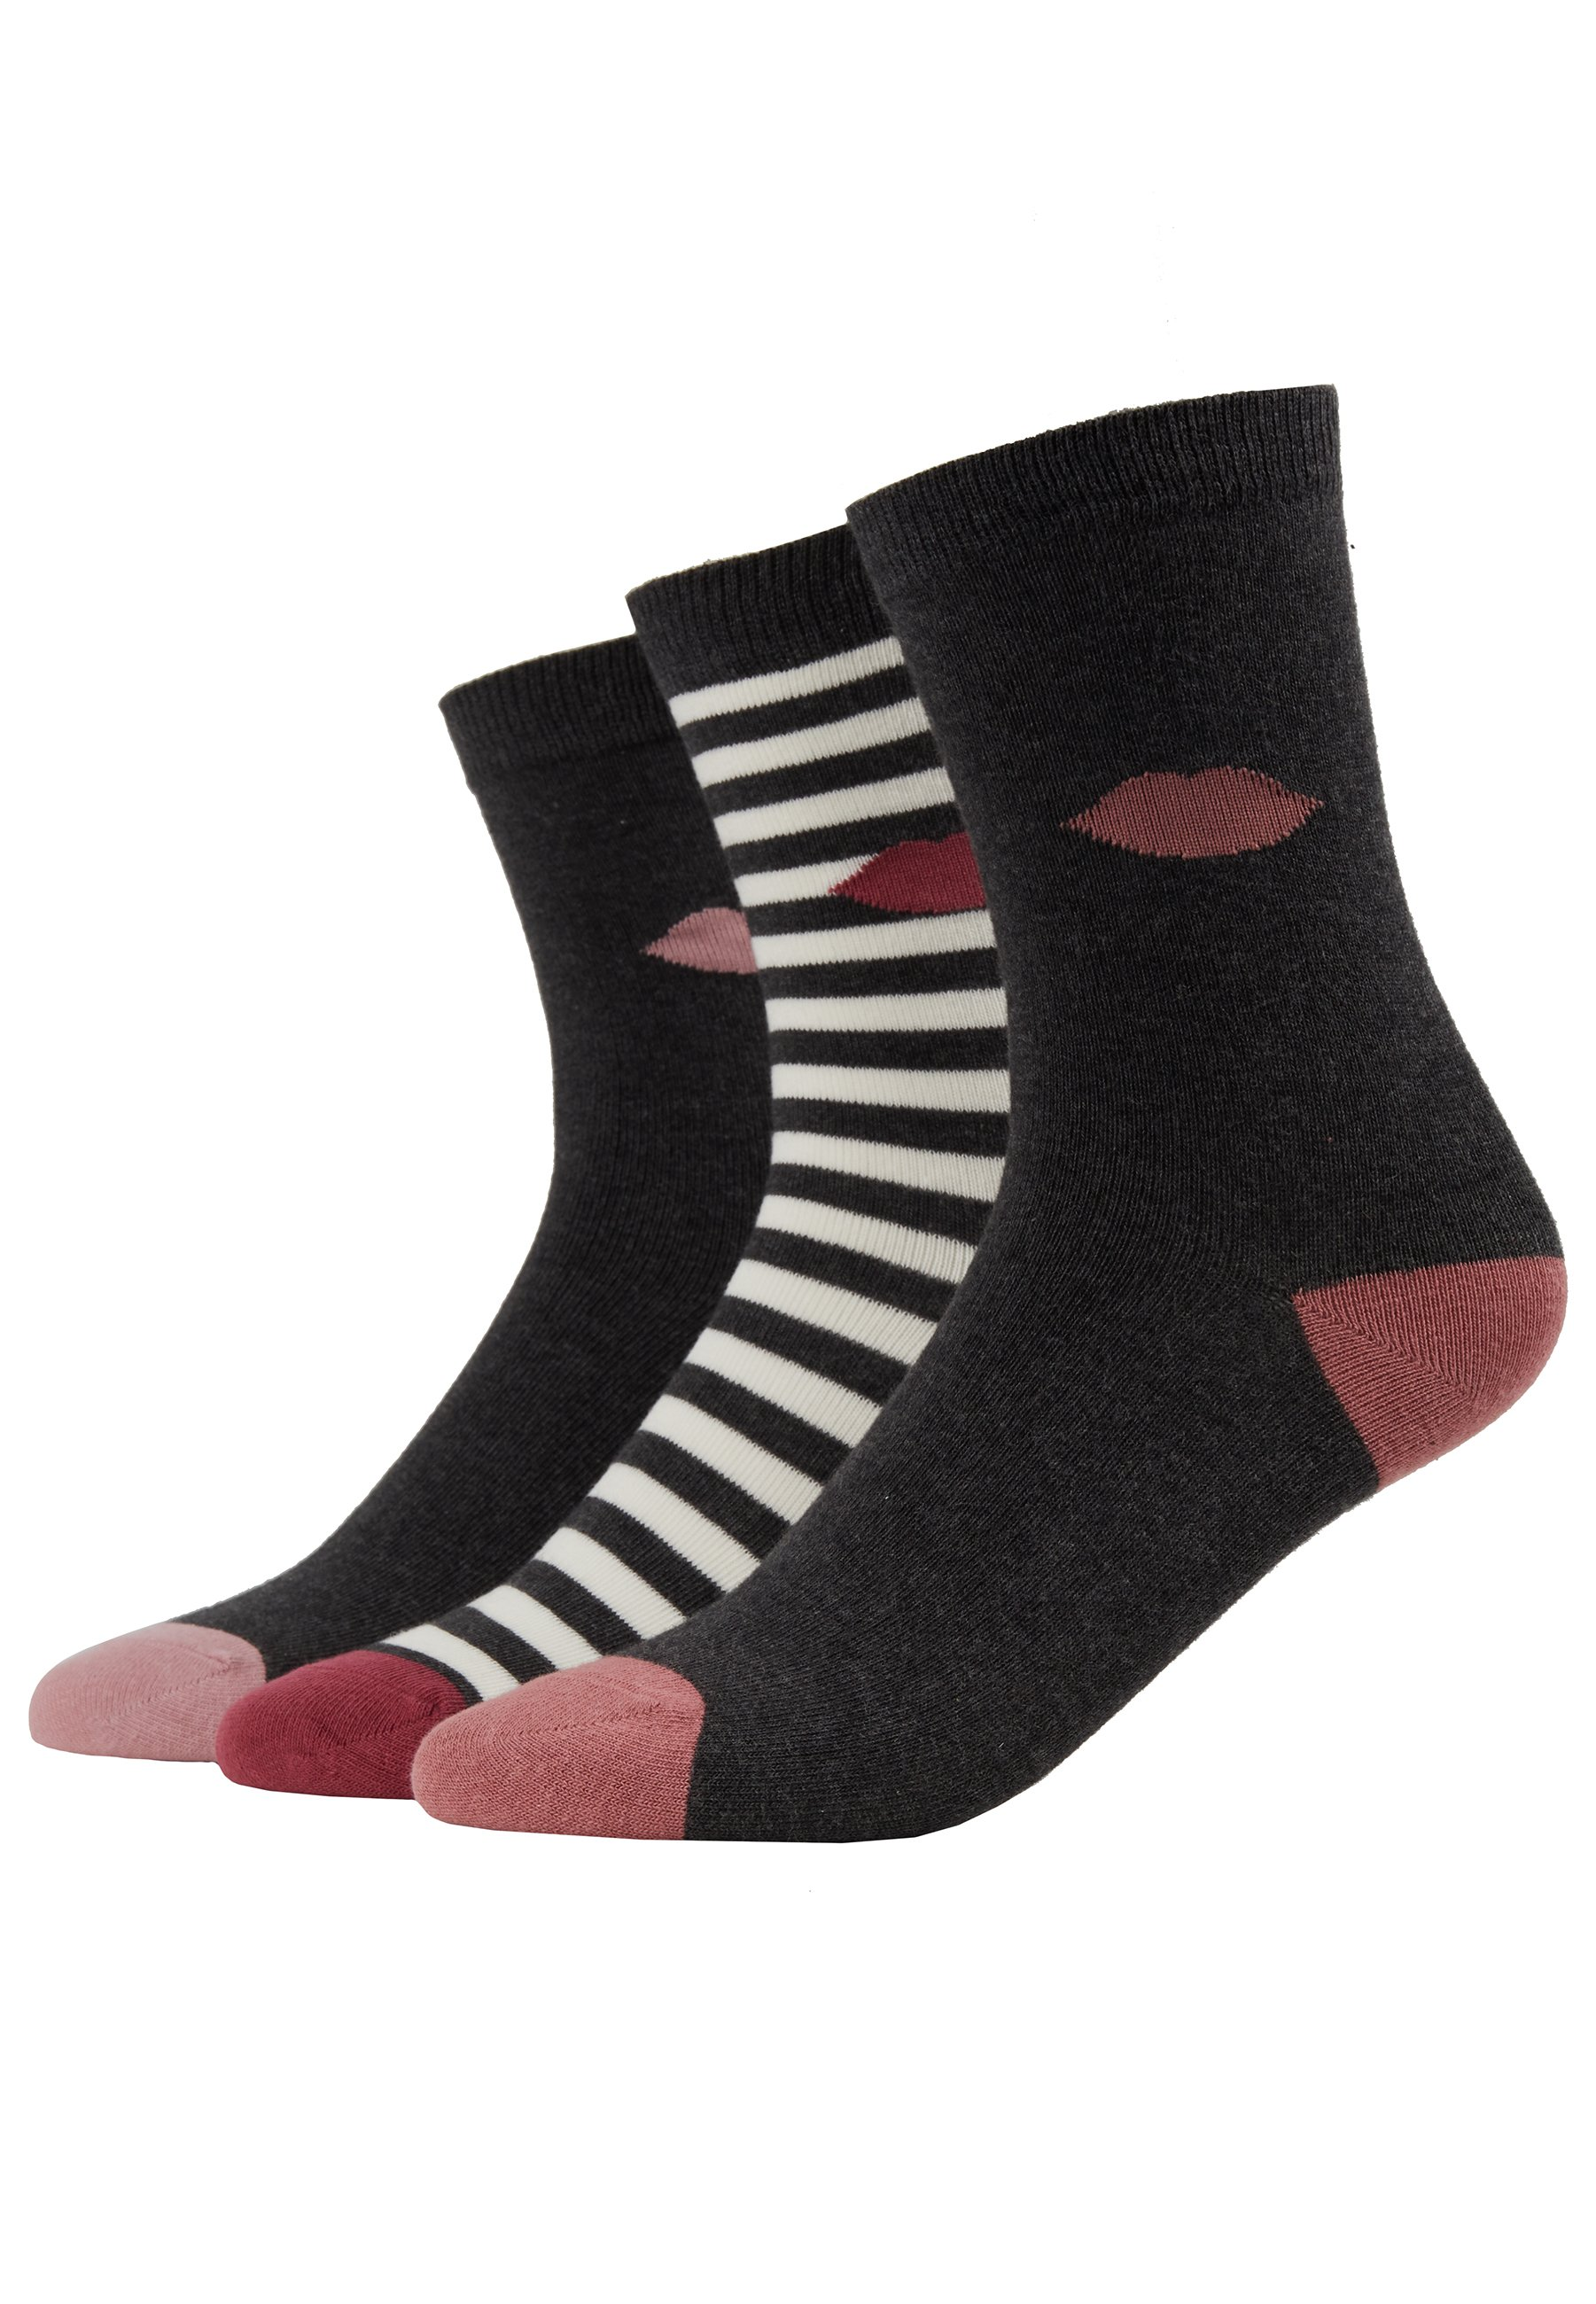 Lulu Guinness CLASSIC SOCKS 3 PACK - Socks - multi-coloured